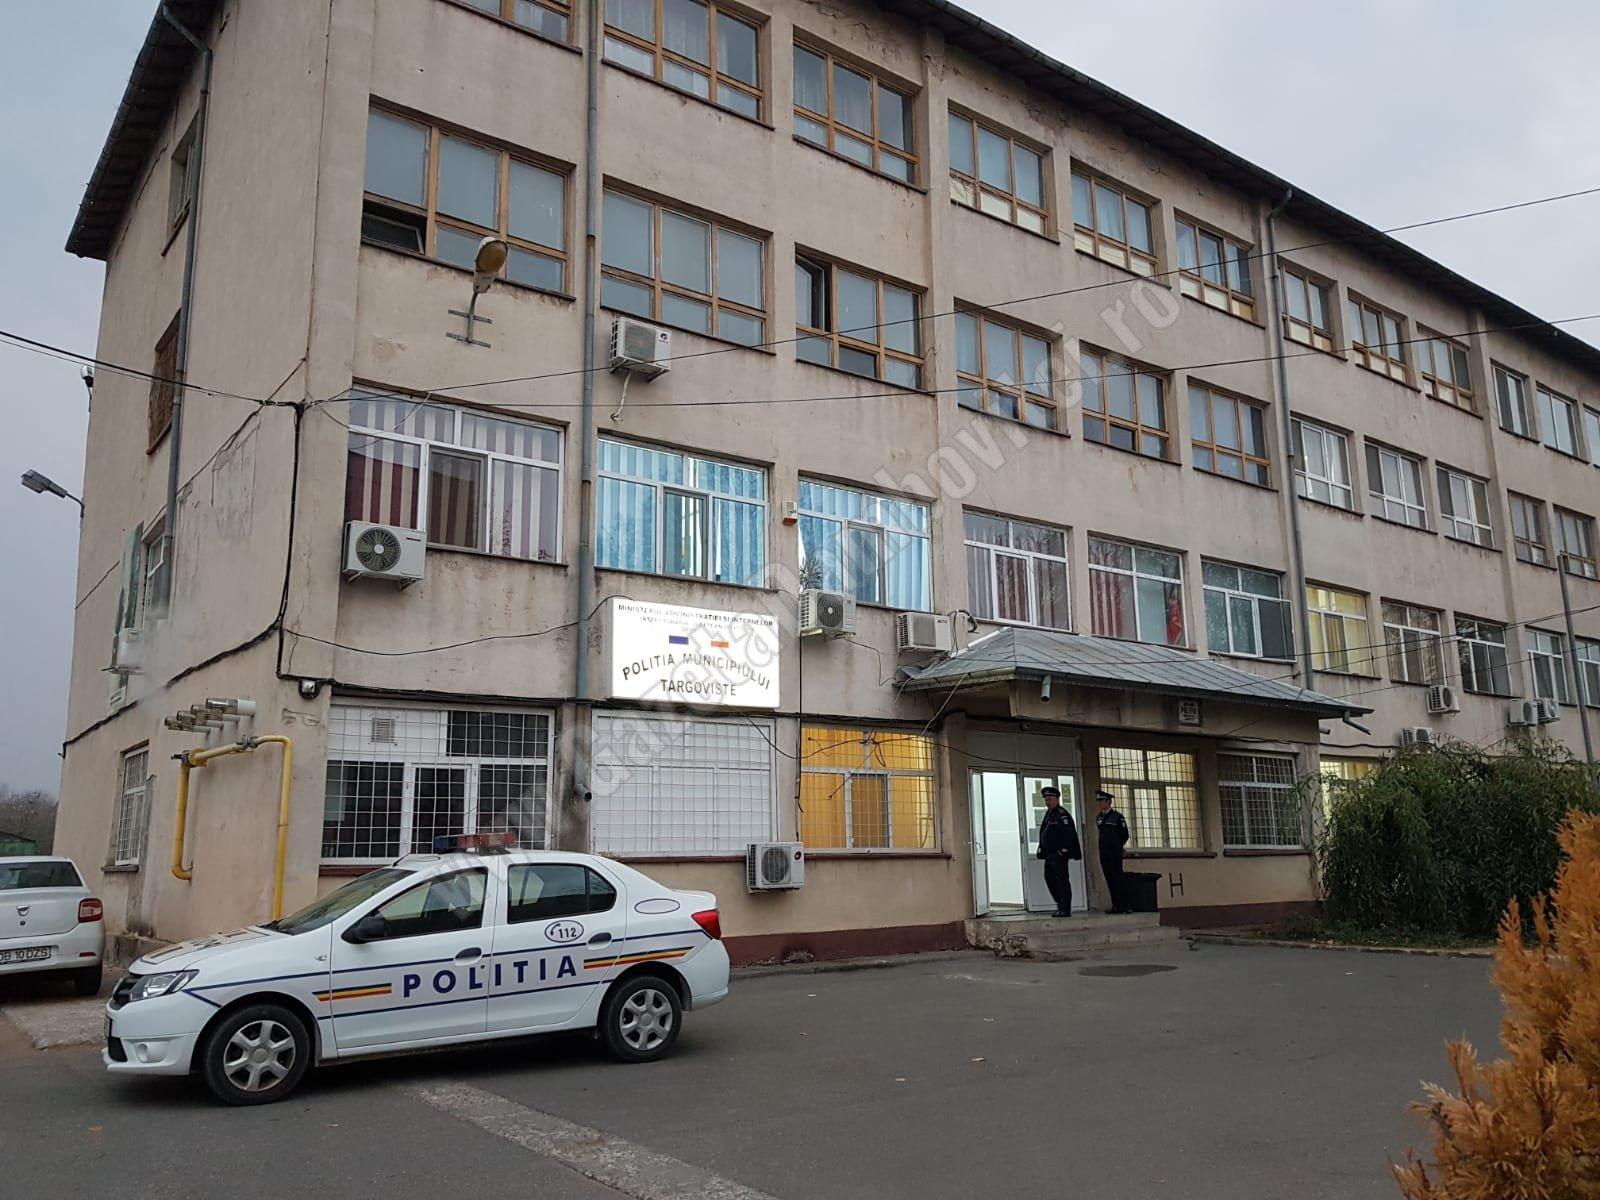 TÂRGOVIȘTE: Doi tineri au jefuit un bărbat, pe stradă. I-au smuls borseta în care avea o sumă frumușică